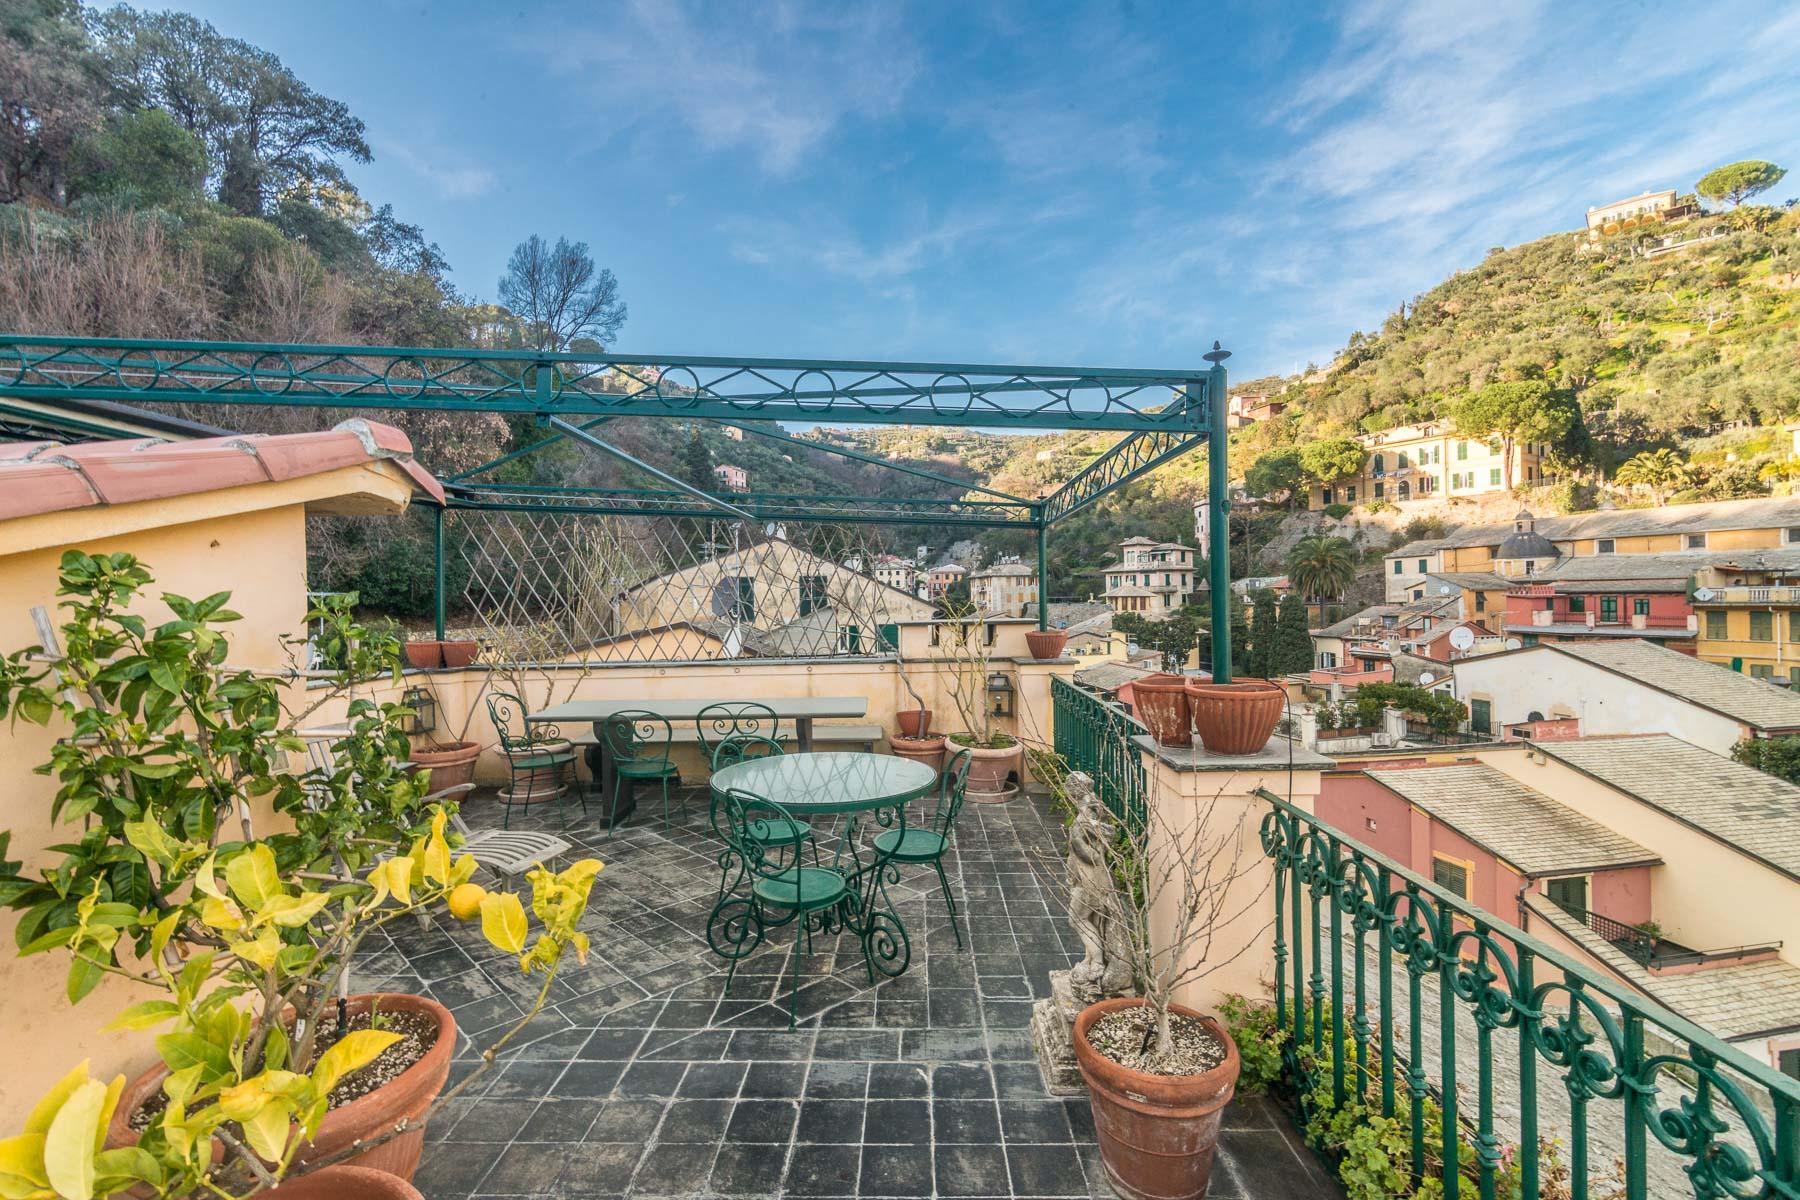 Attico in Vendita a Portofino: 5 locali, 173 mq - Foto 4